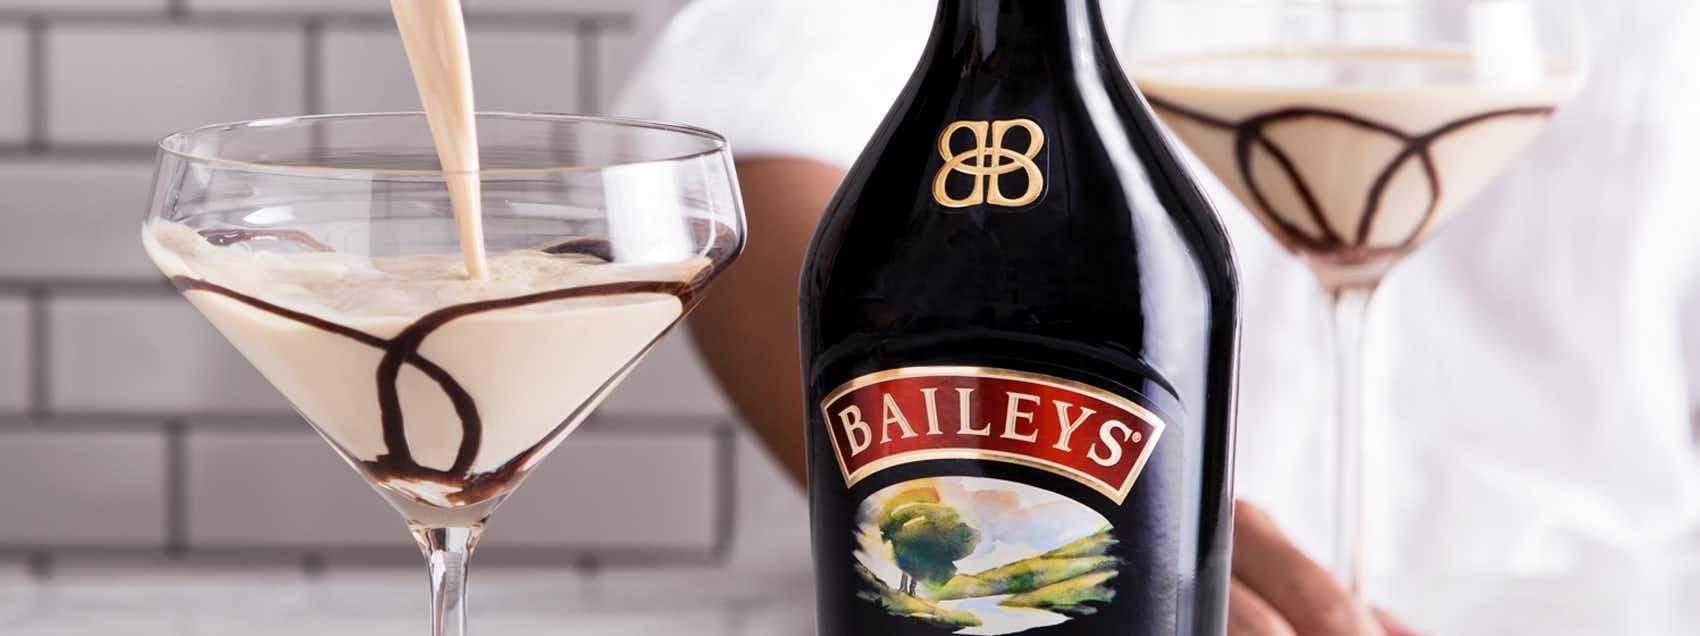 Коктейли с бейлисом — готовим по лучшим рецептам в домашних условиях. фото-каталог рецептов слоистых коктейлей с baileys!